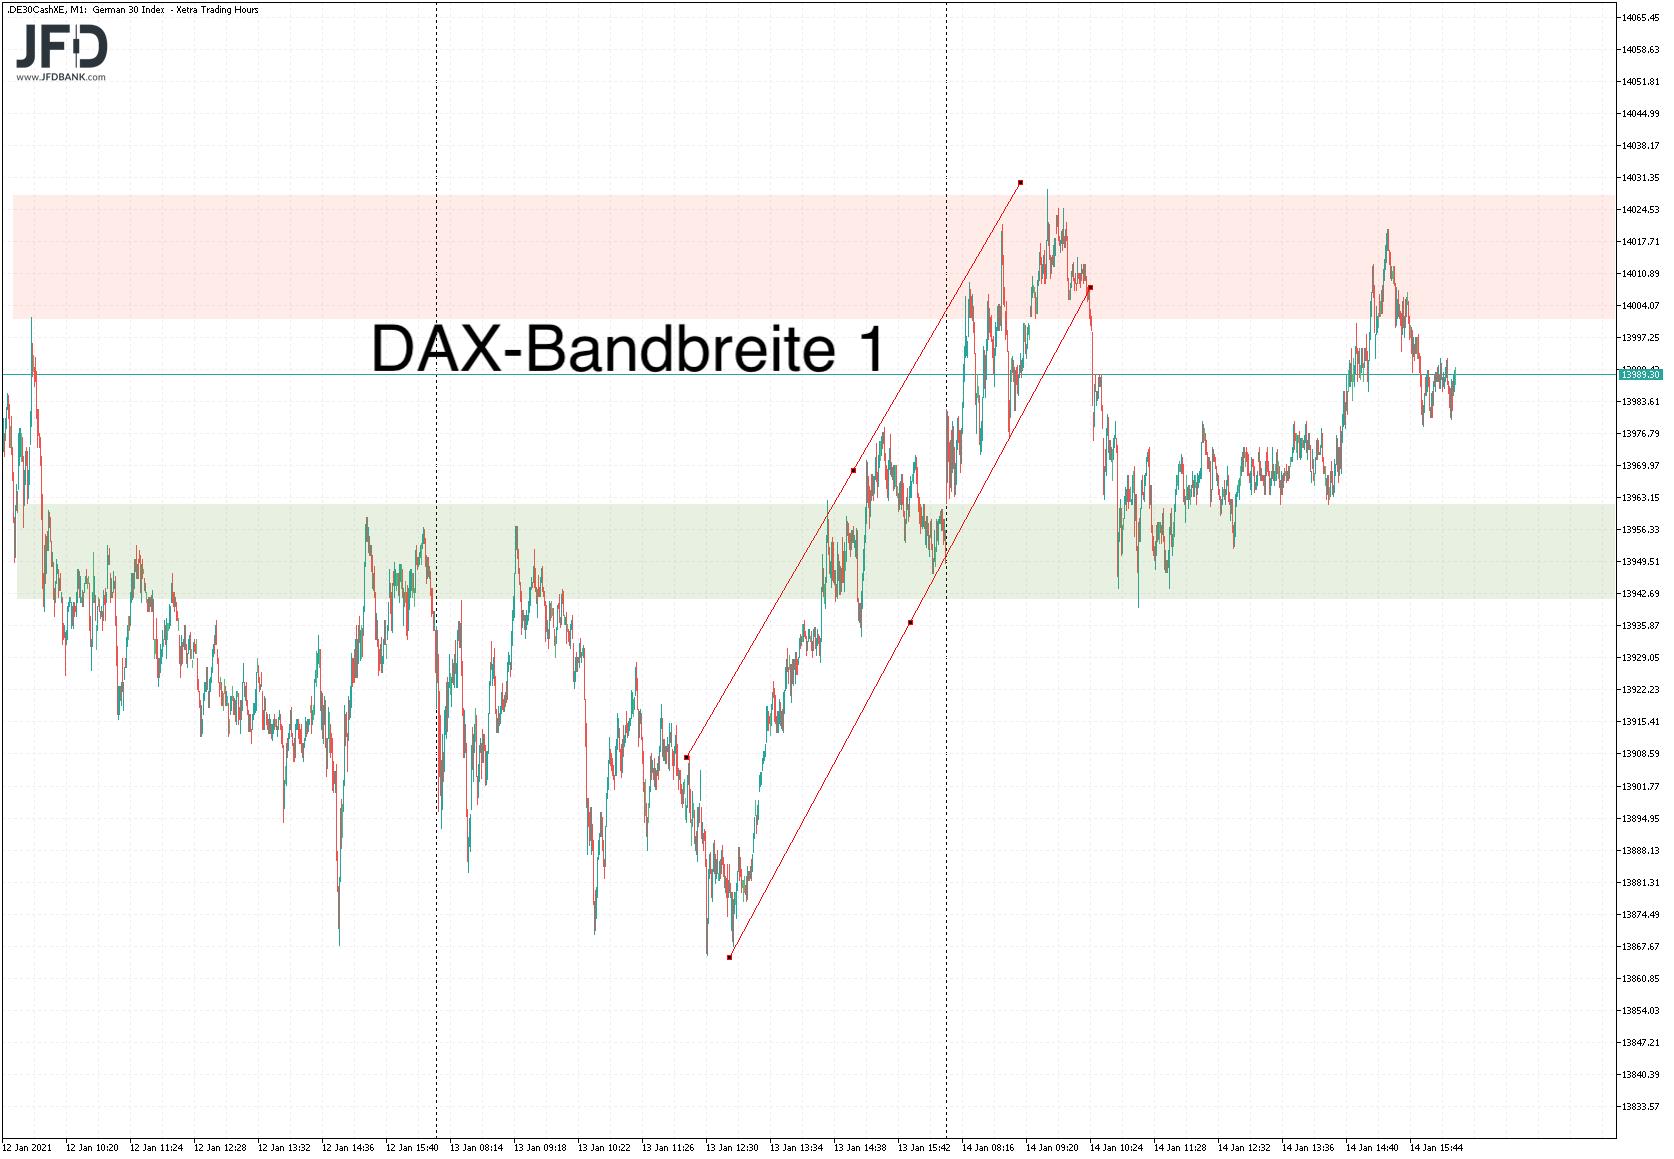 DAX-Bandbreite 1 im Chartbild